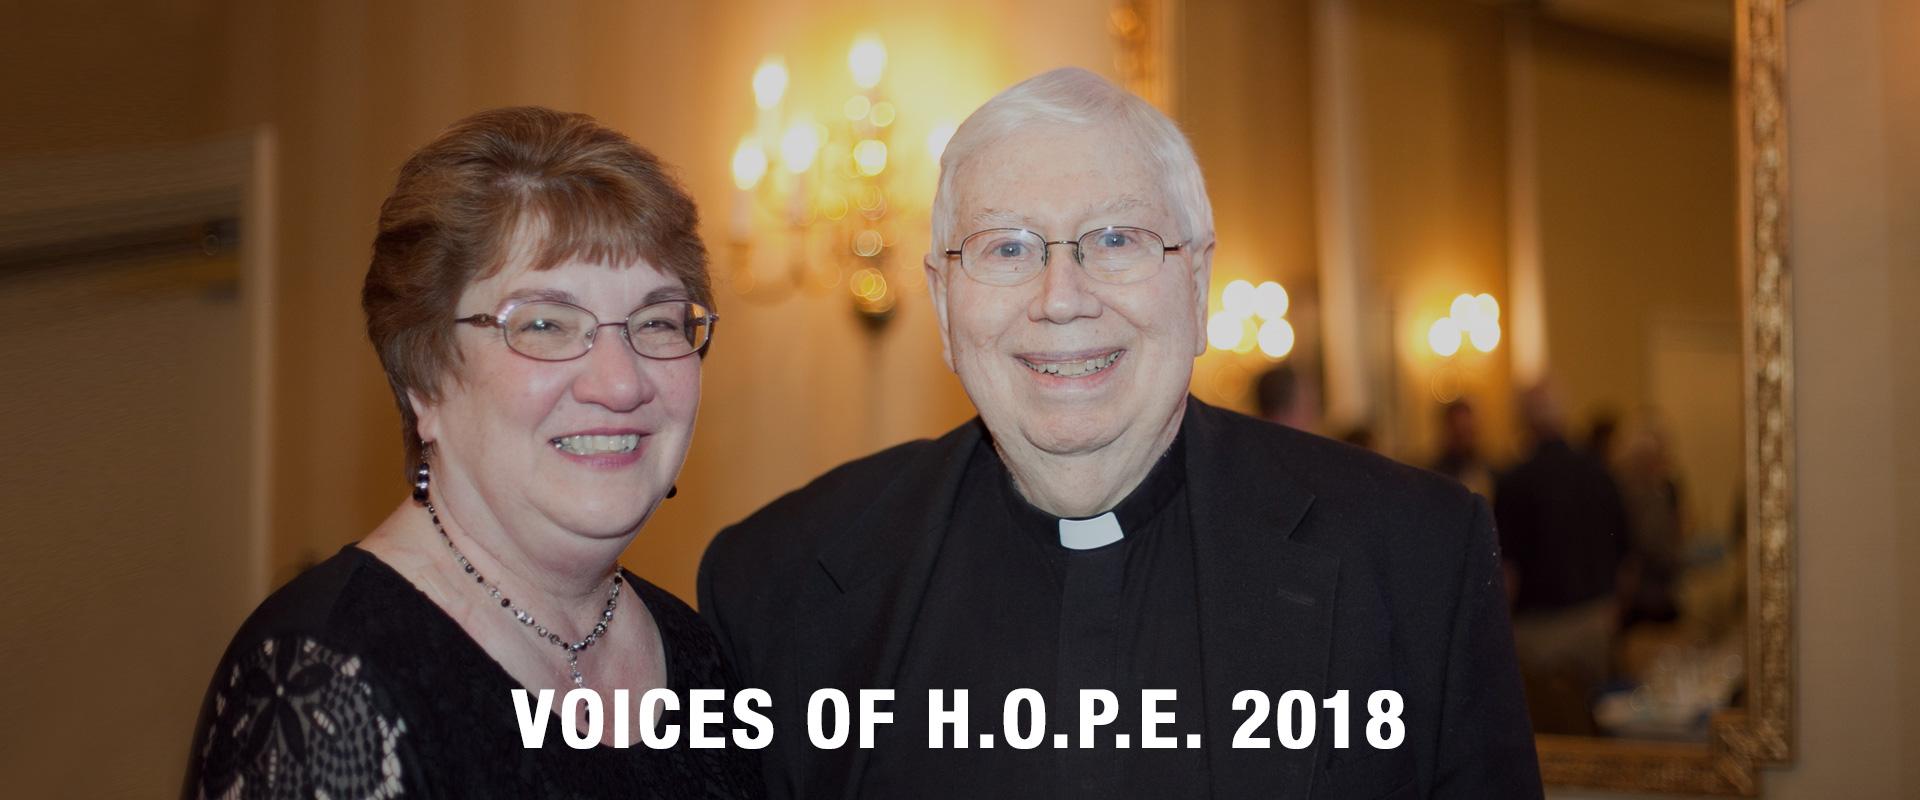 Voices of H.O.P.E. 2018 - 4